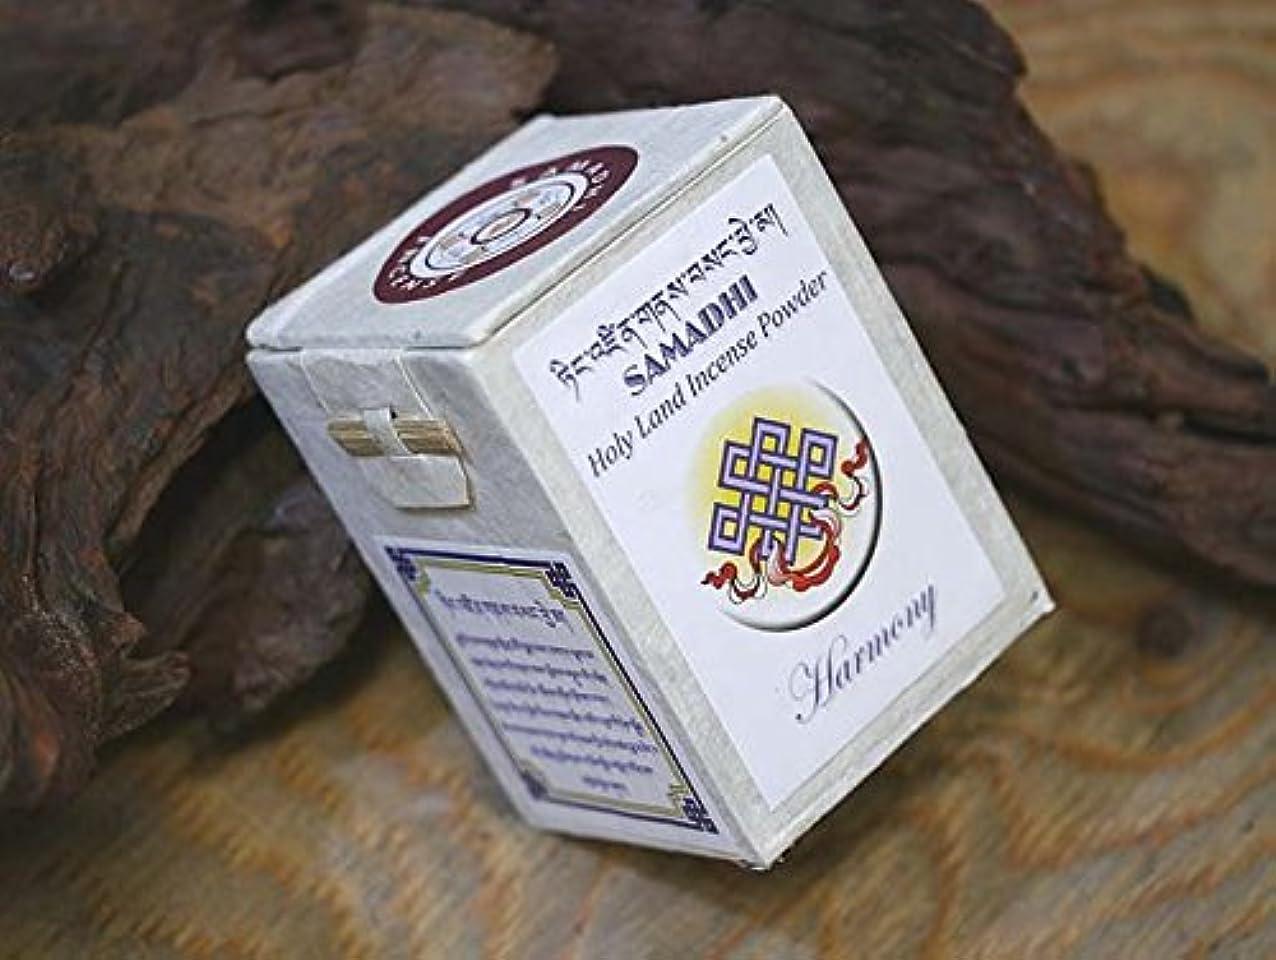 意味する急速な化学者タルパチョリンナニー チベット仏教寺院タルパチョリンナニーのお香【SamadhiWhiteサマディホワイト パウダー香】